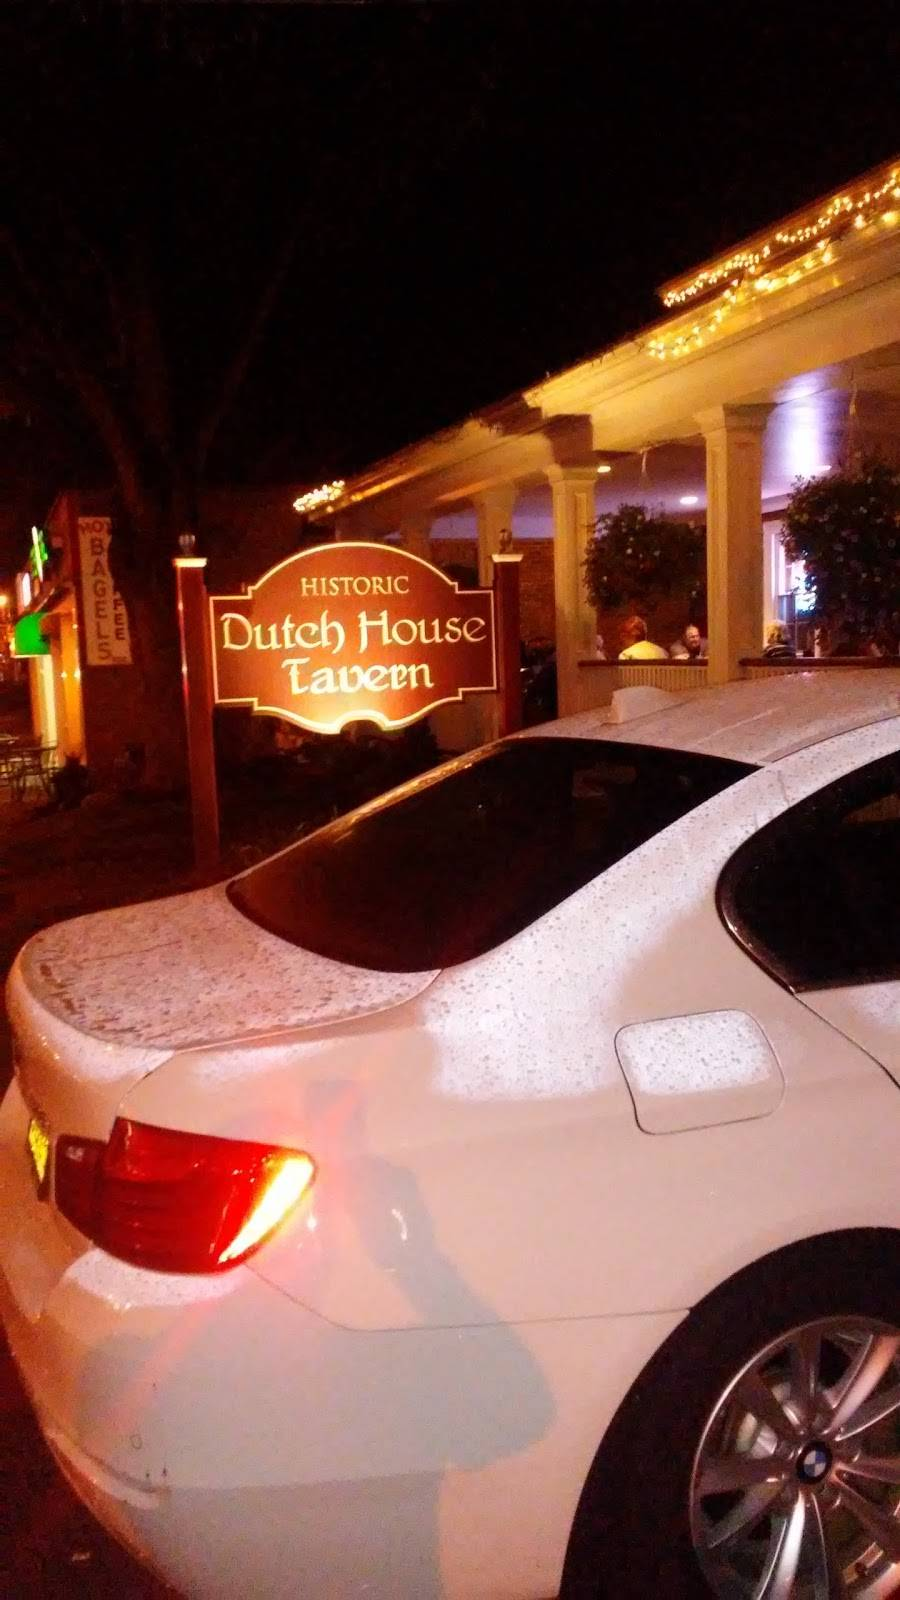 Dutch House Tavern | restaurant | 24-07 Fair Lawn Ave, Fair Lawn, NJ 07410, USA | 2017969886 OR +1 201-796-9886